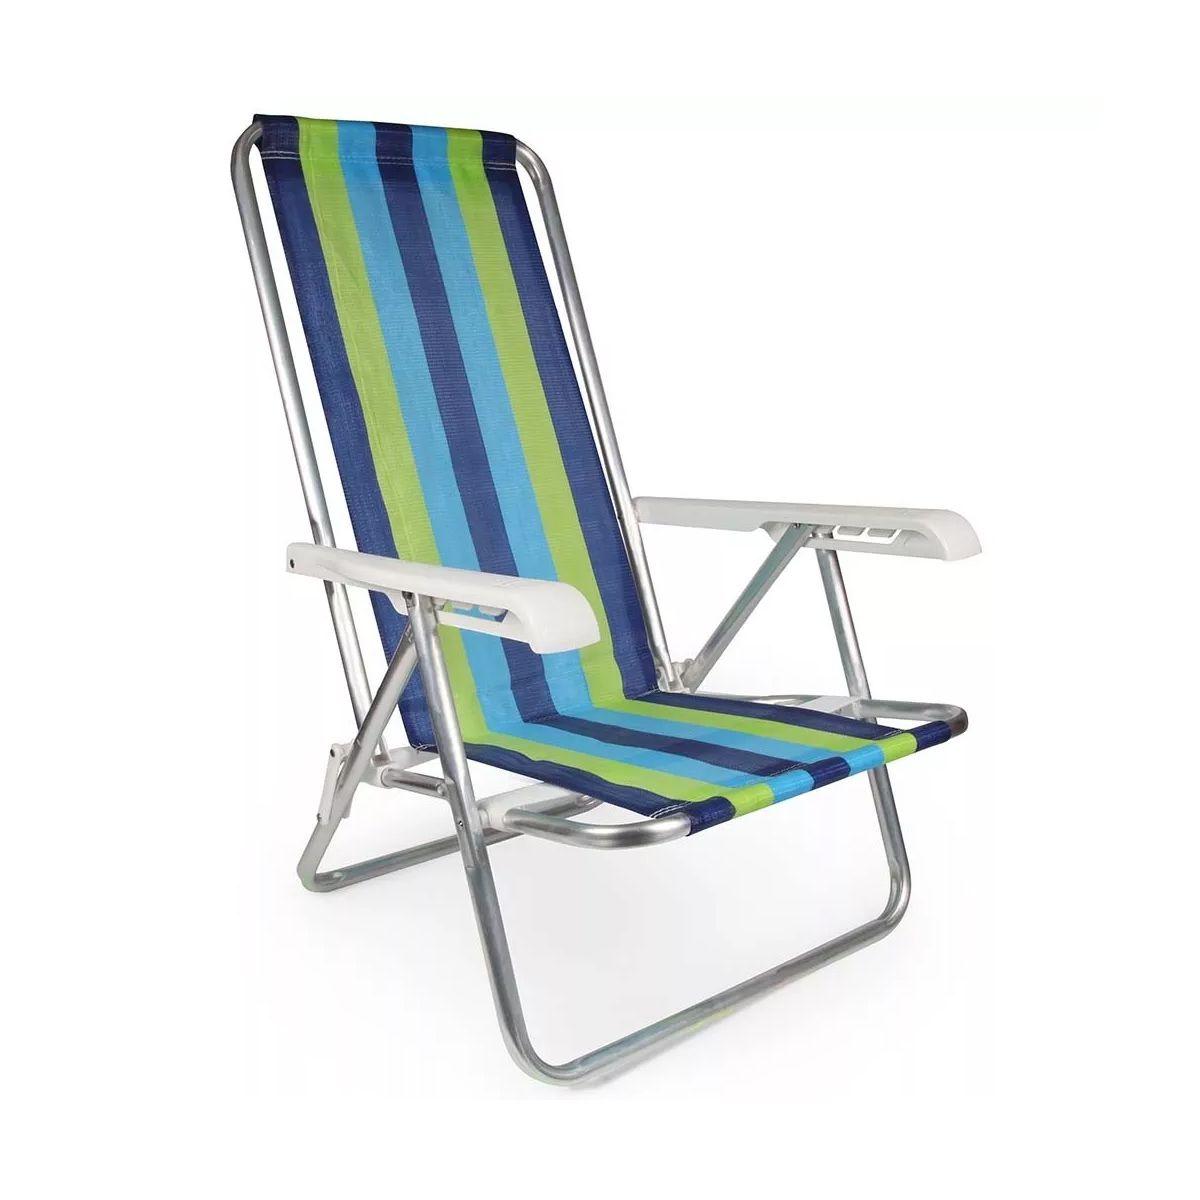 Cadeira Mor Aluminio Reclinável 4 Posições